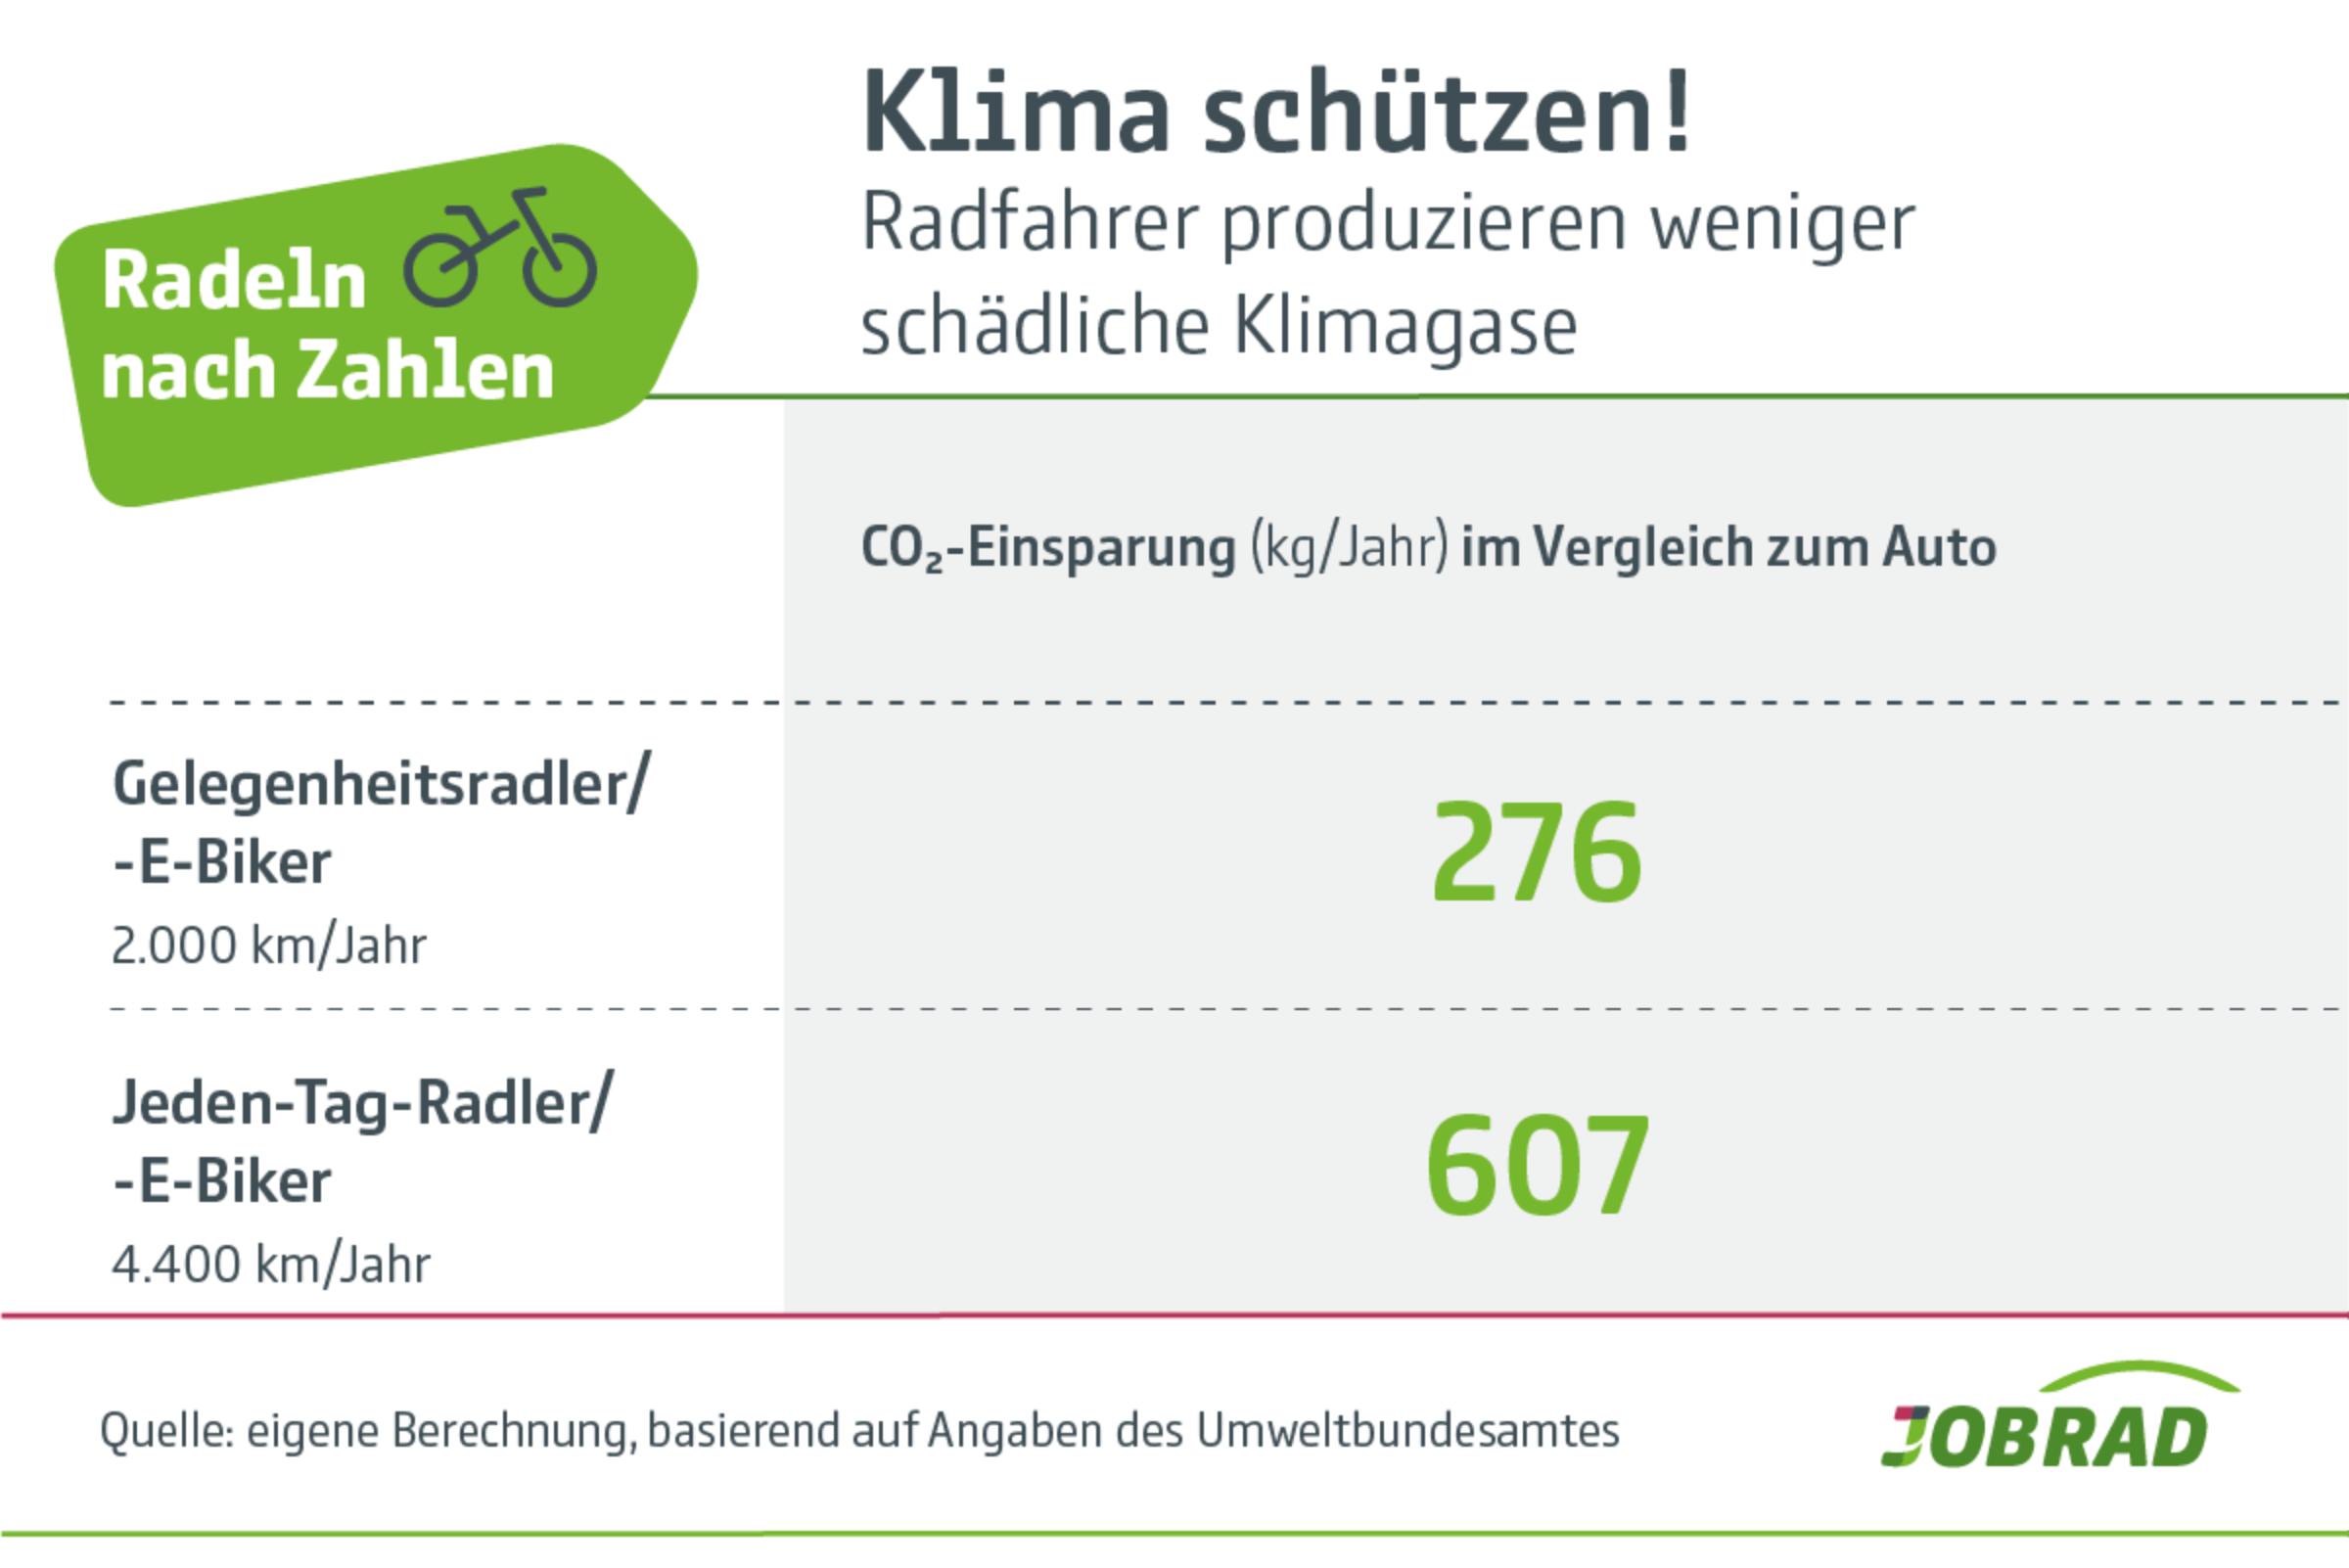 Radeln nach Zahlen: Weniger Klimagase für die Umwelt